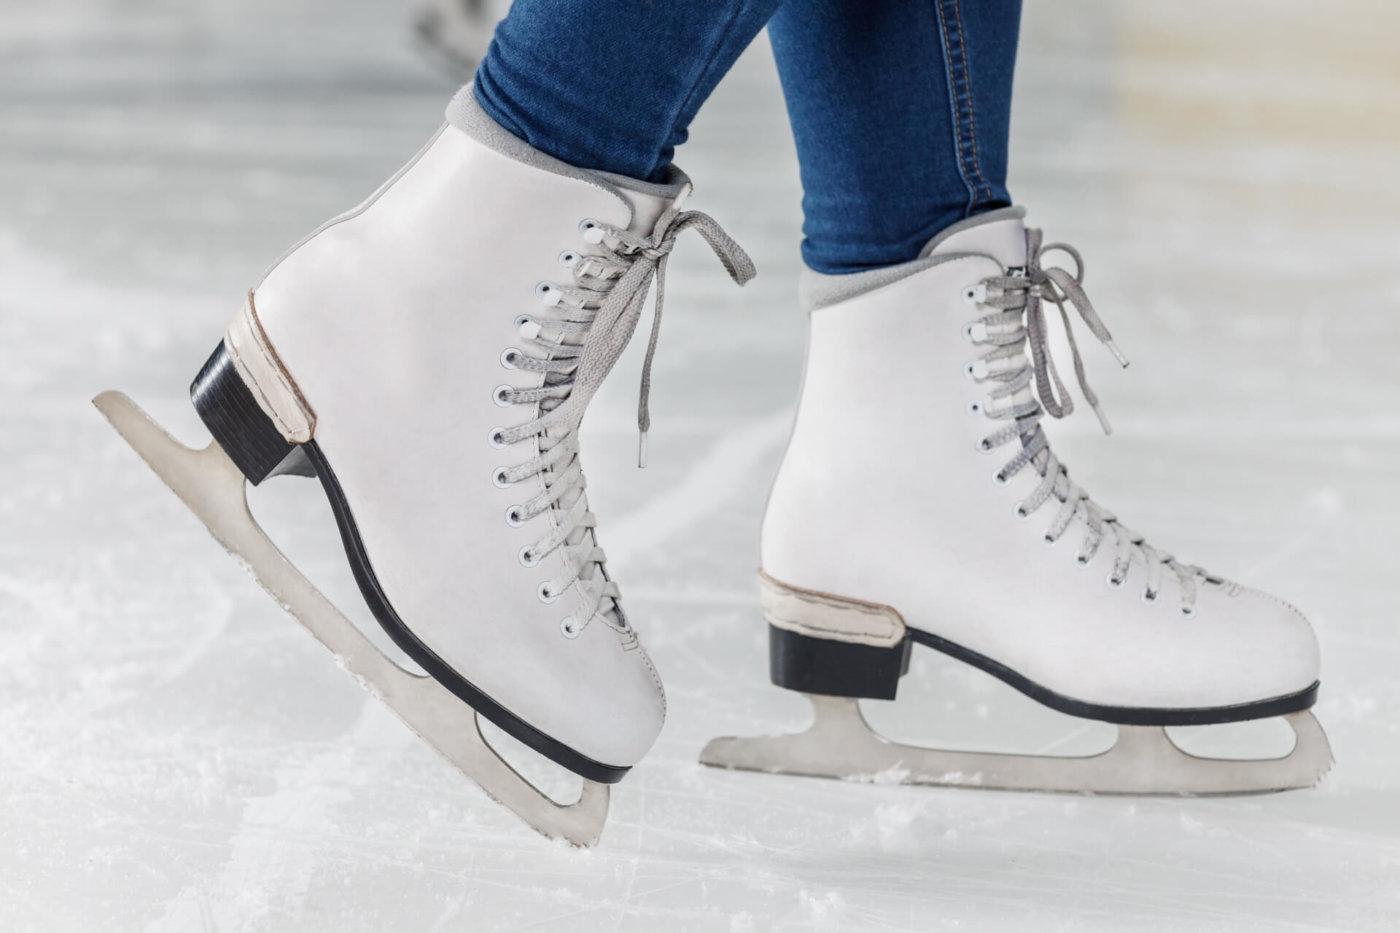 スケート王者・羽生結弦のすごさまとめ